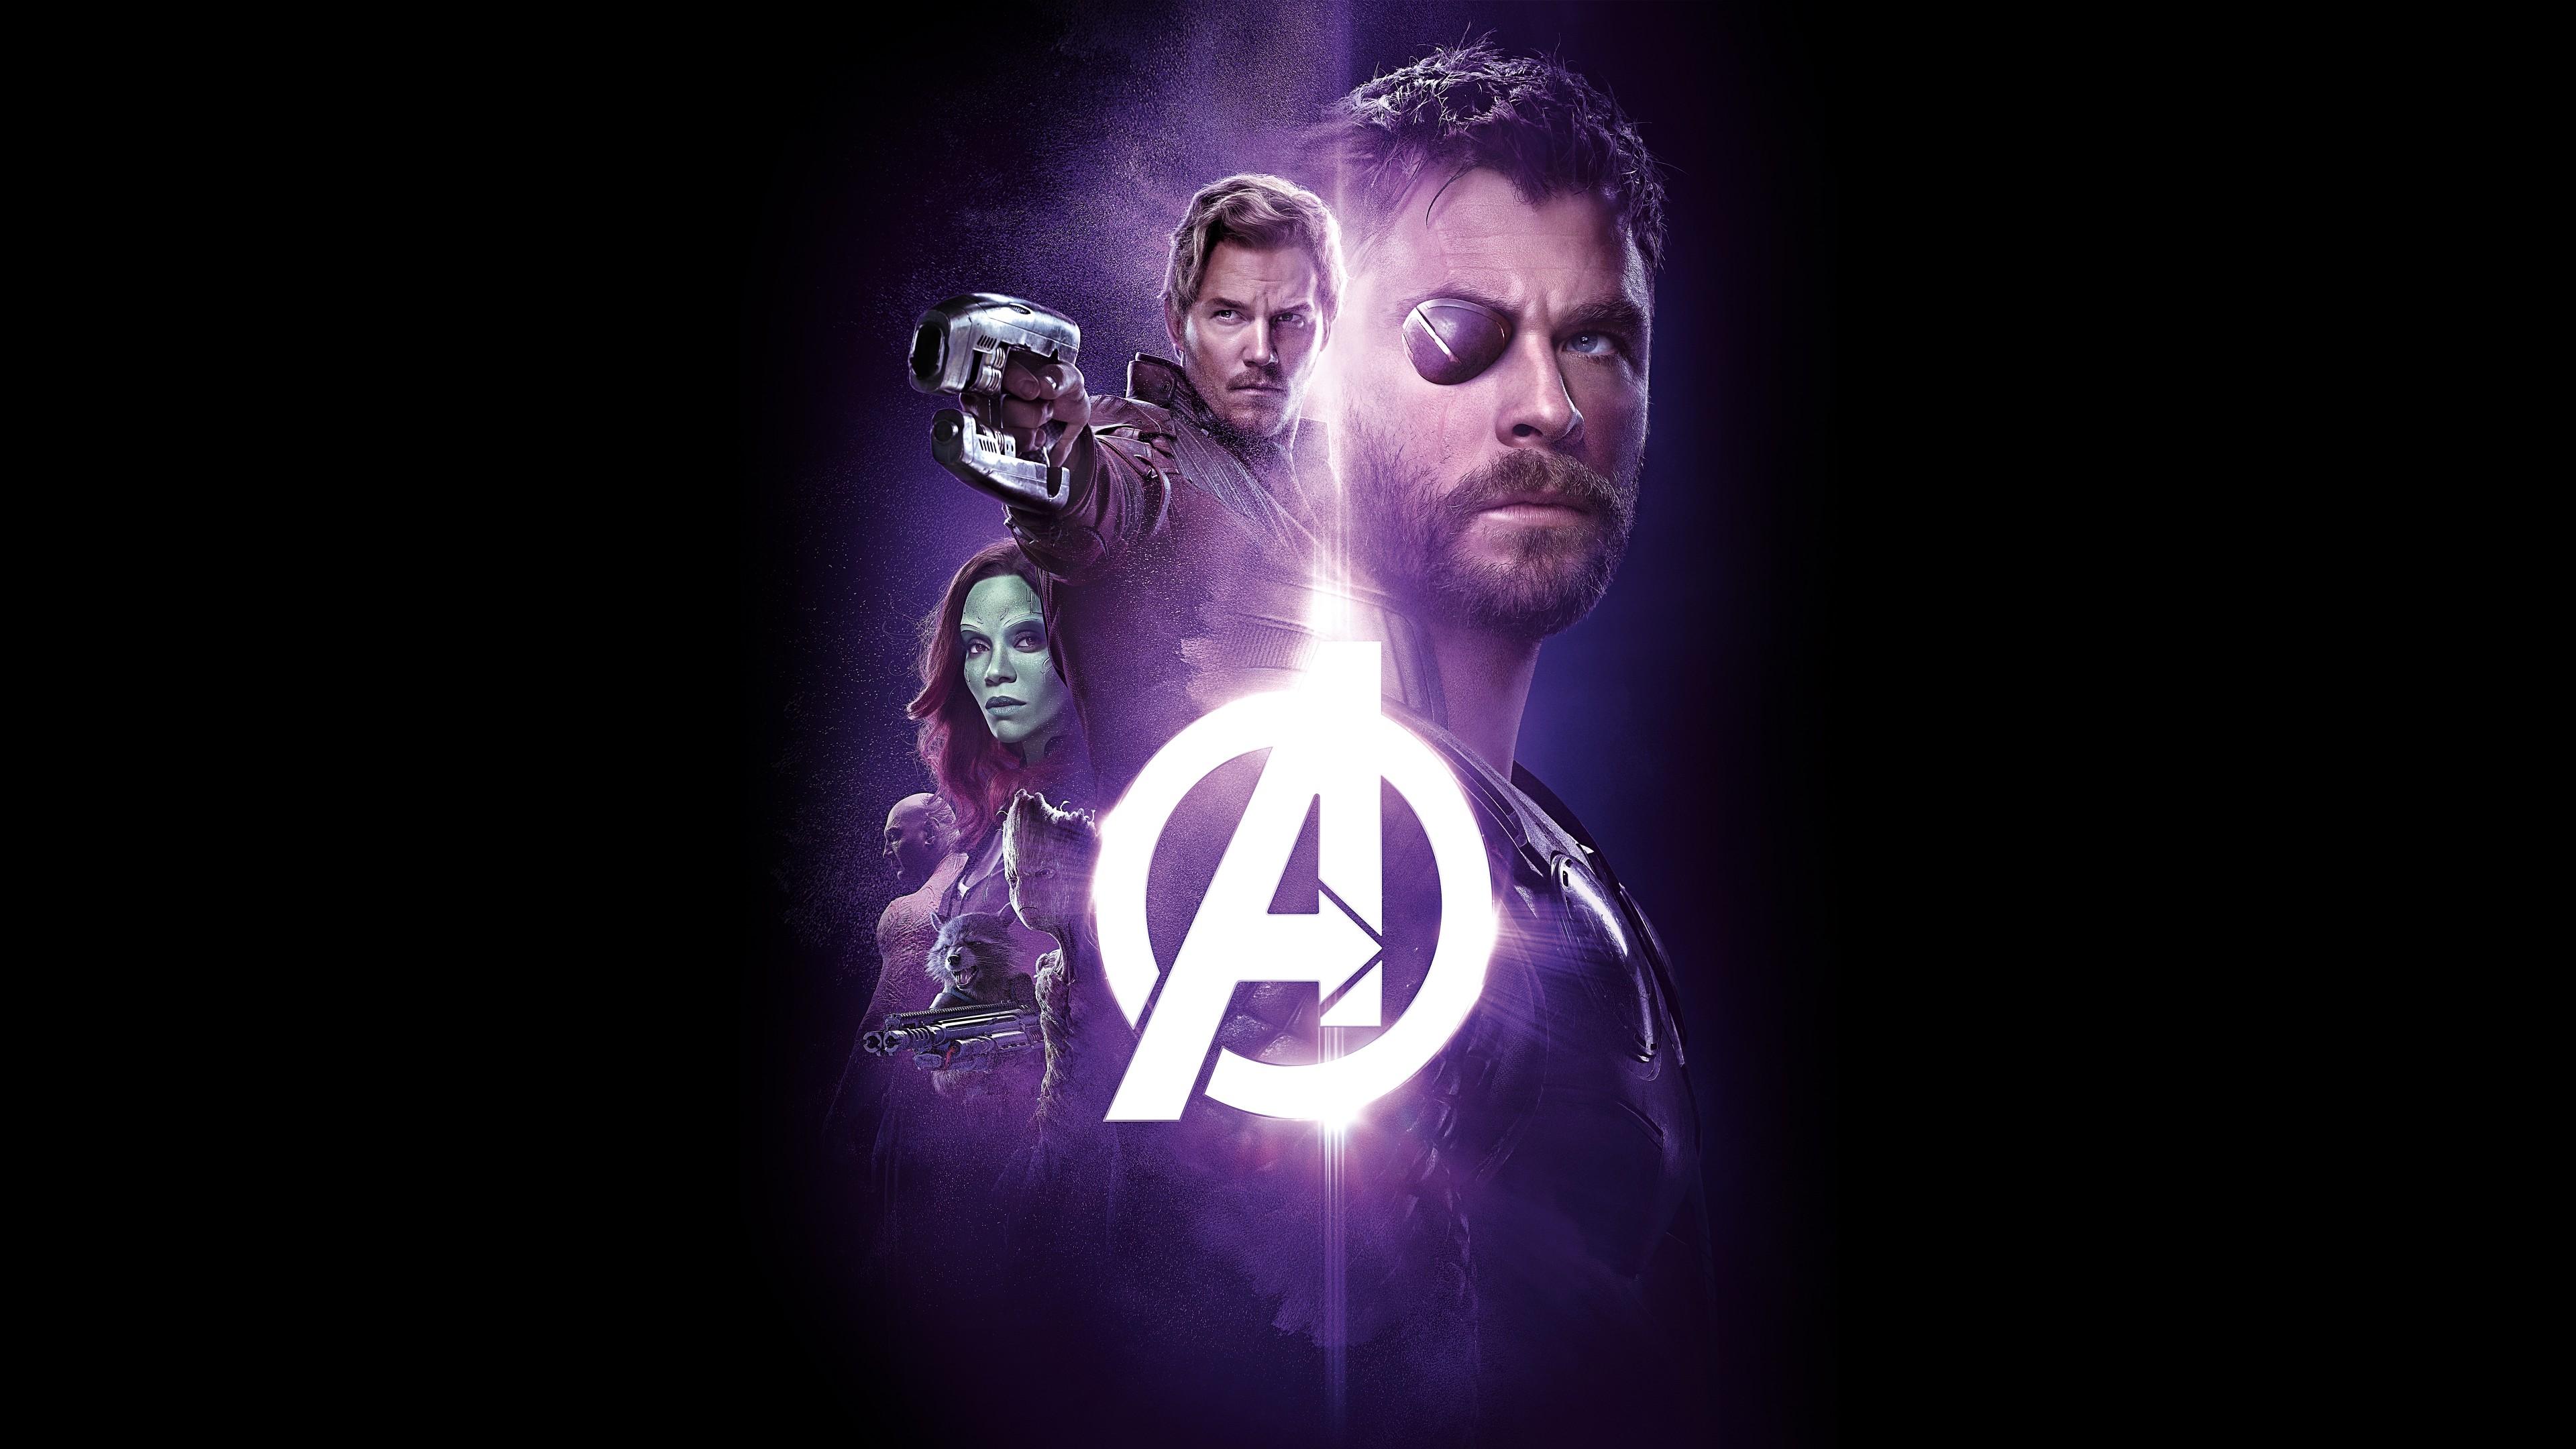 Реклама главных героев в расплывчато-фиолетовом цвете и логотипом А на черном фоне